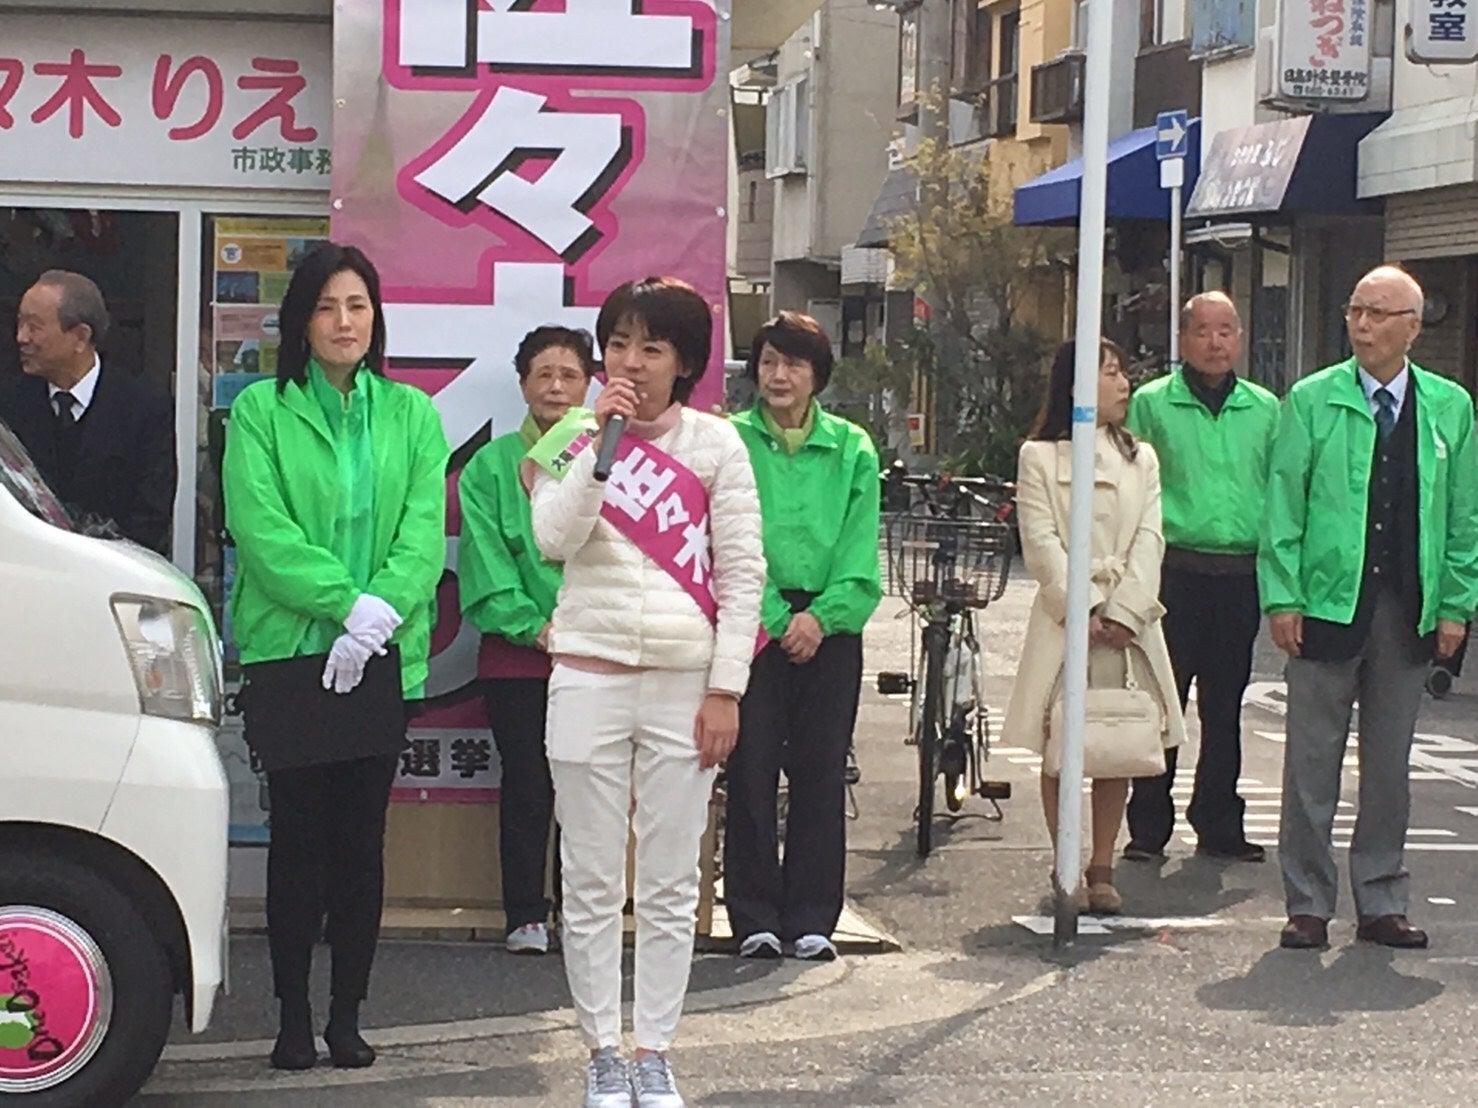 https://stat.ameba.jp/user_images/20190330/00/sasaki-rie/86/db/j/o1478110814381201101.jpg